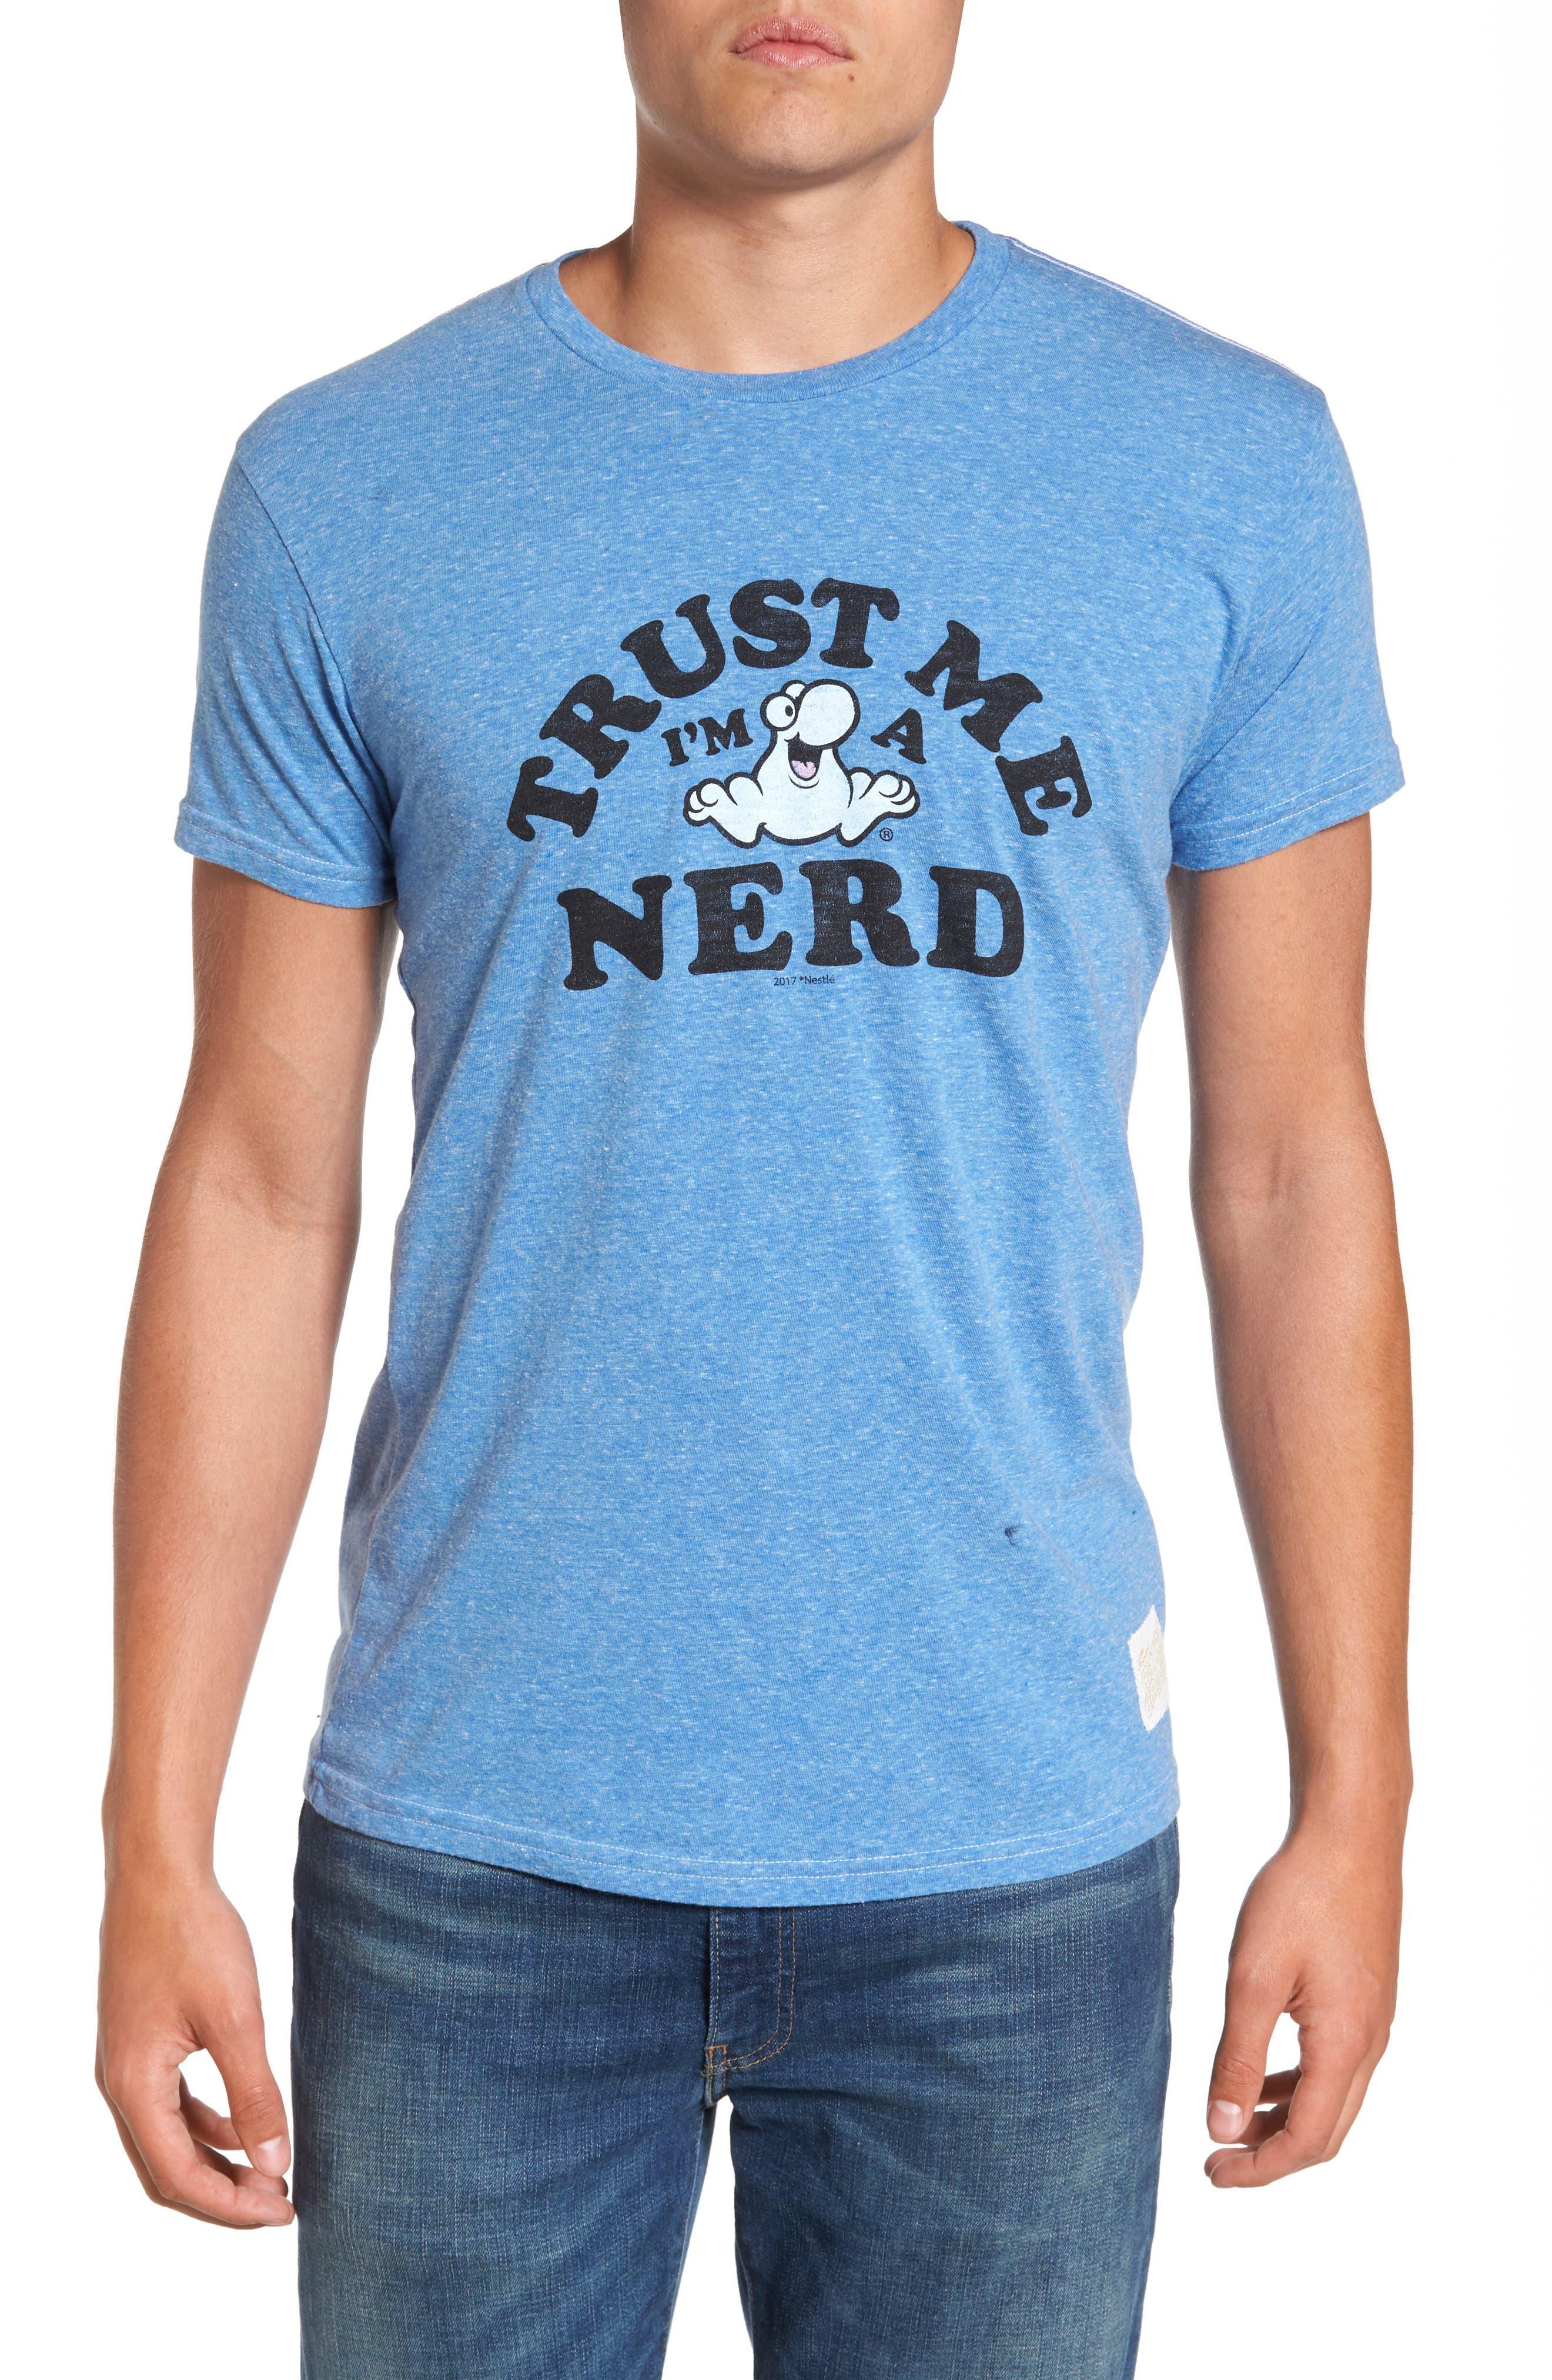 Retro Brand Nerds Graphic T-Shirt